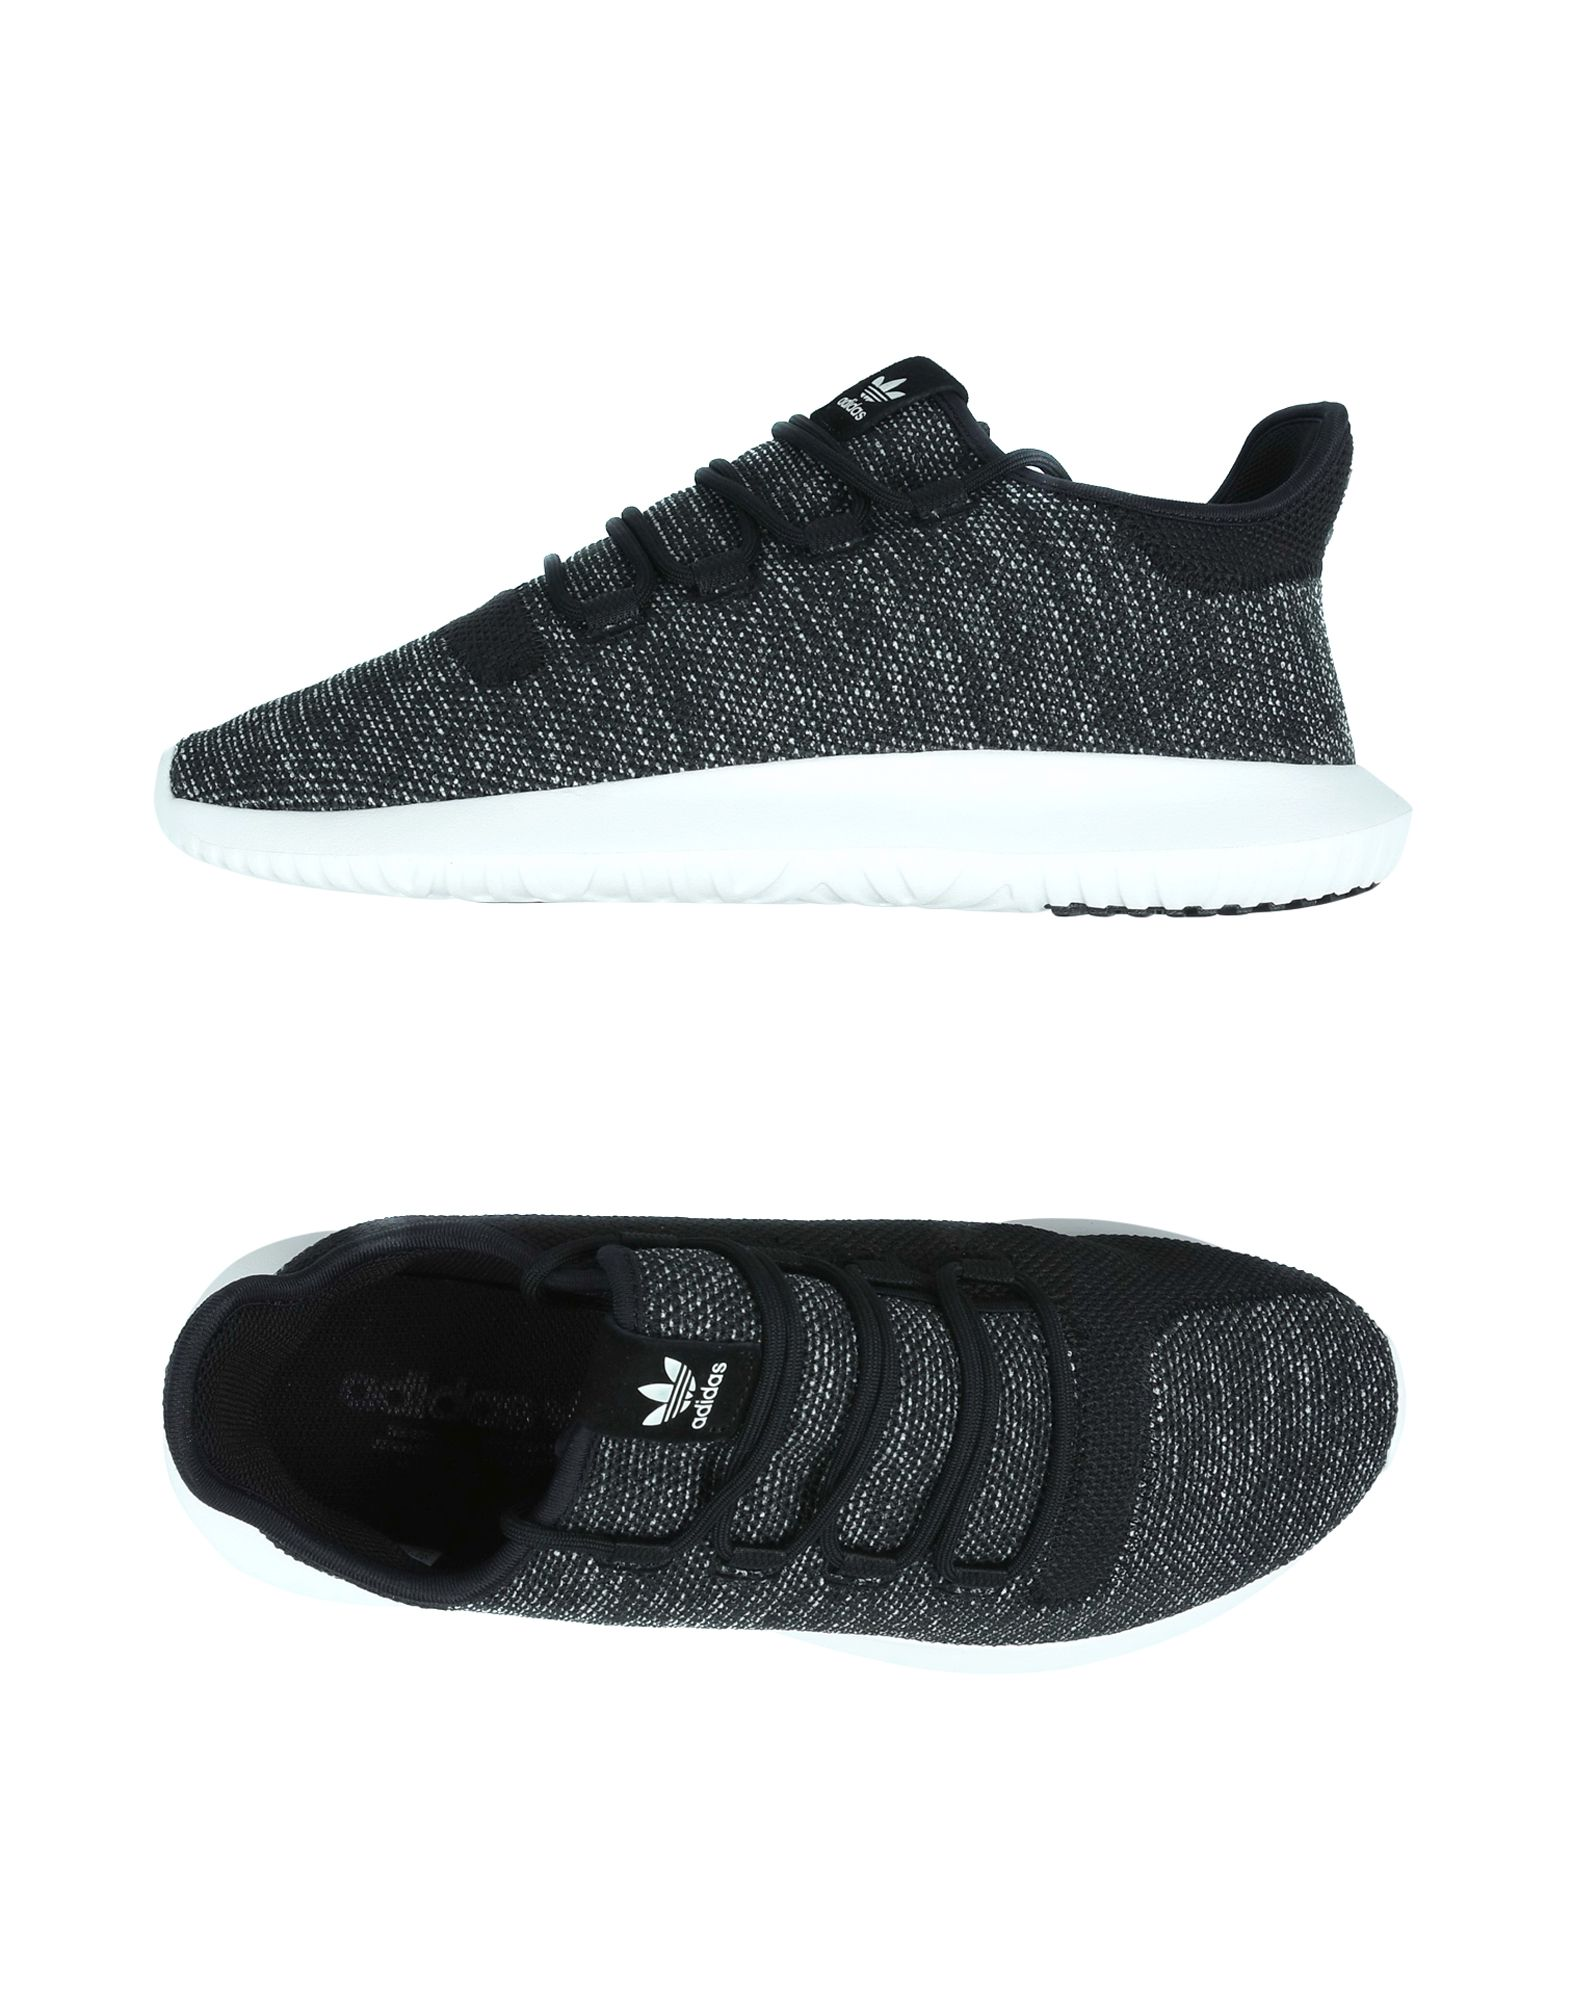 Sneakers Adidas Originals Tubular Shadow Knit - Uomo - Acquista online su